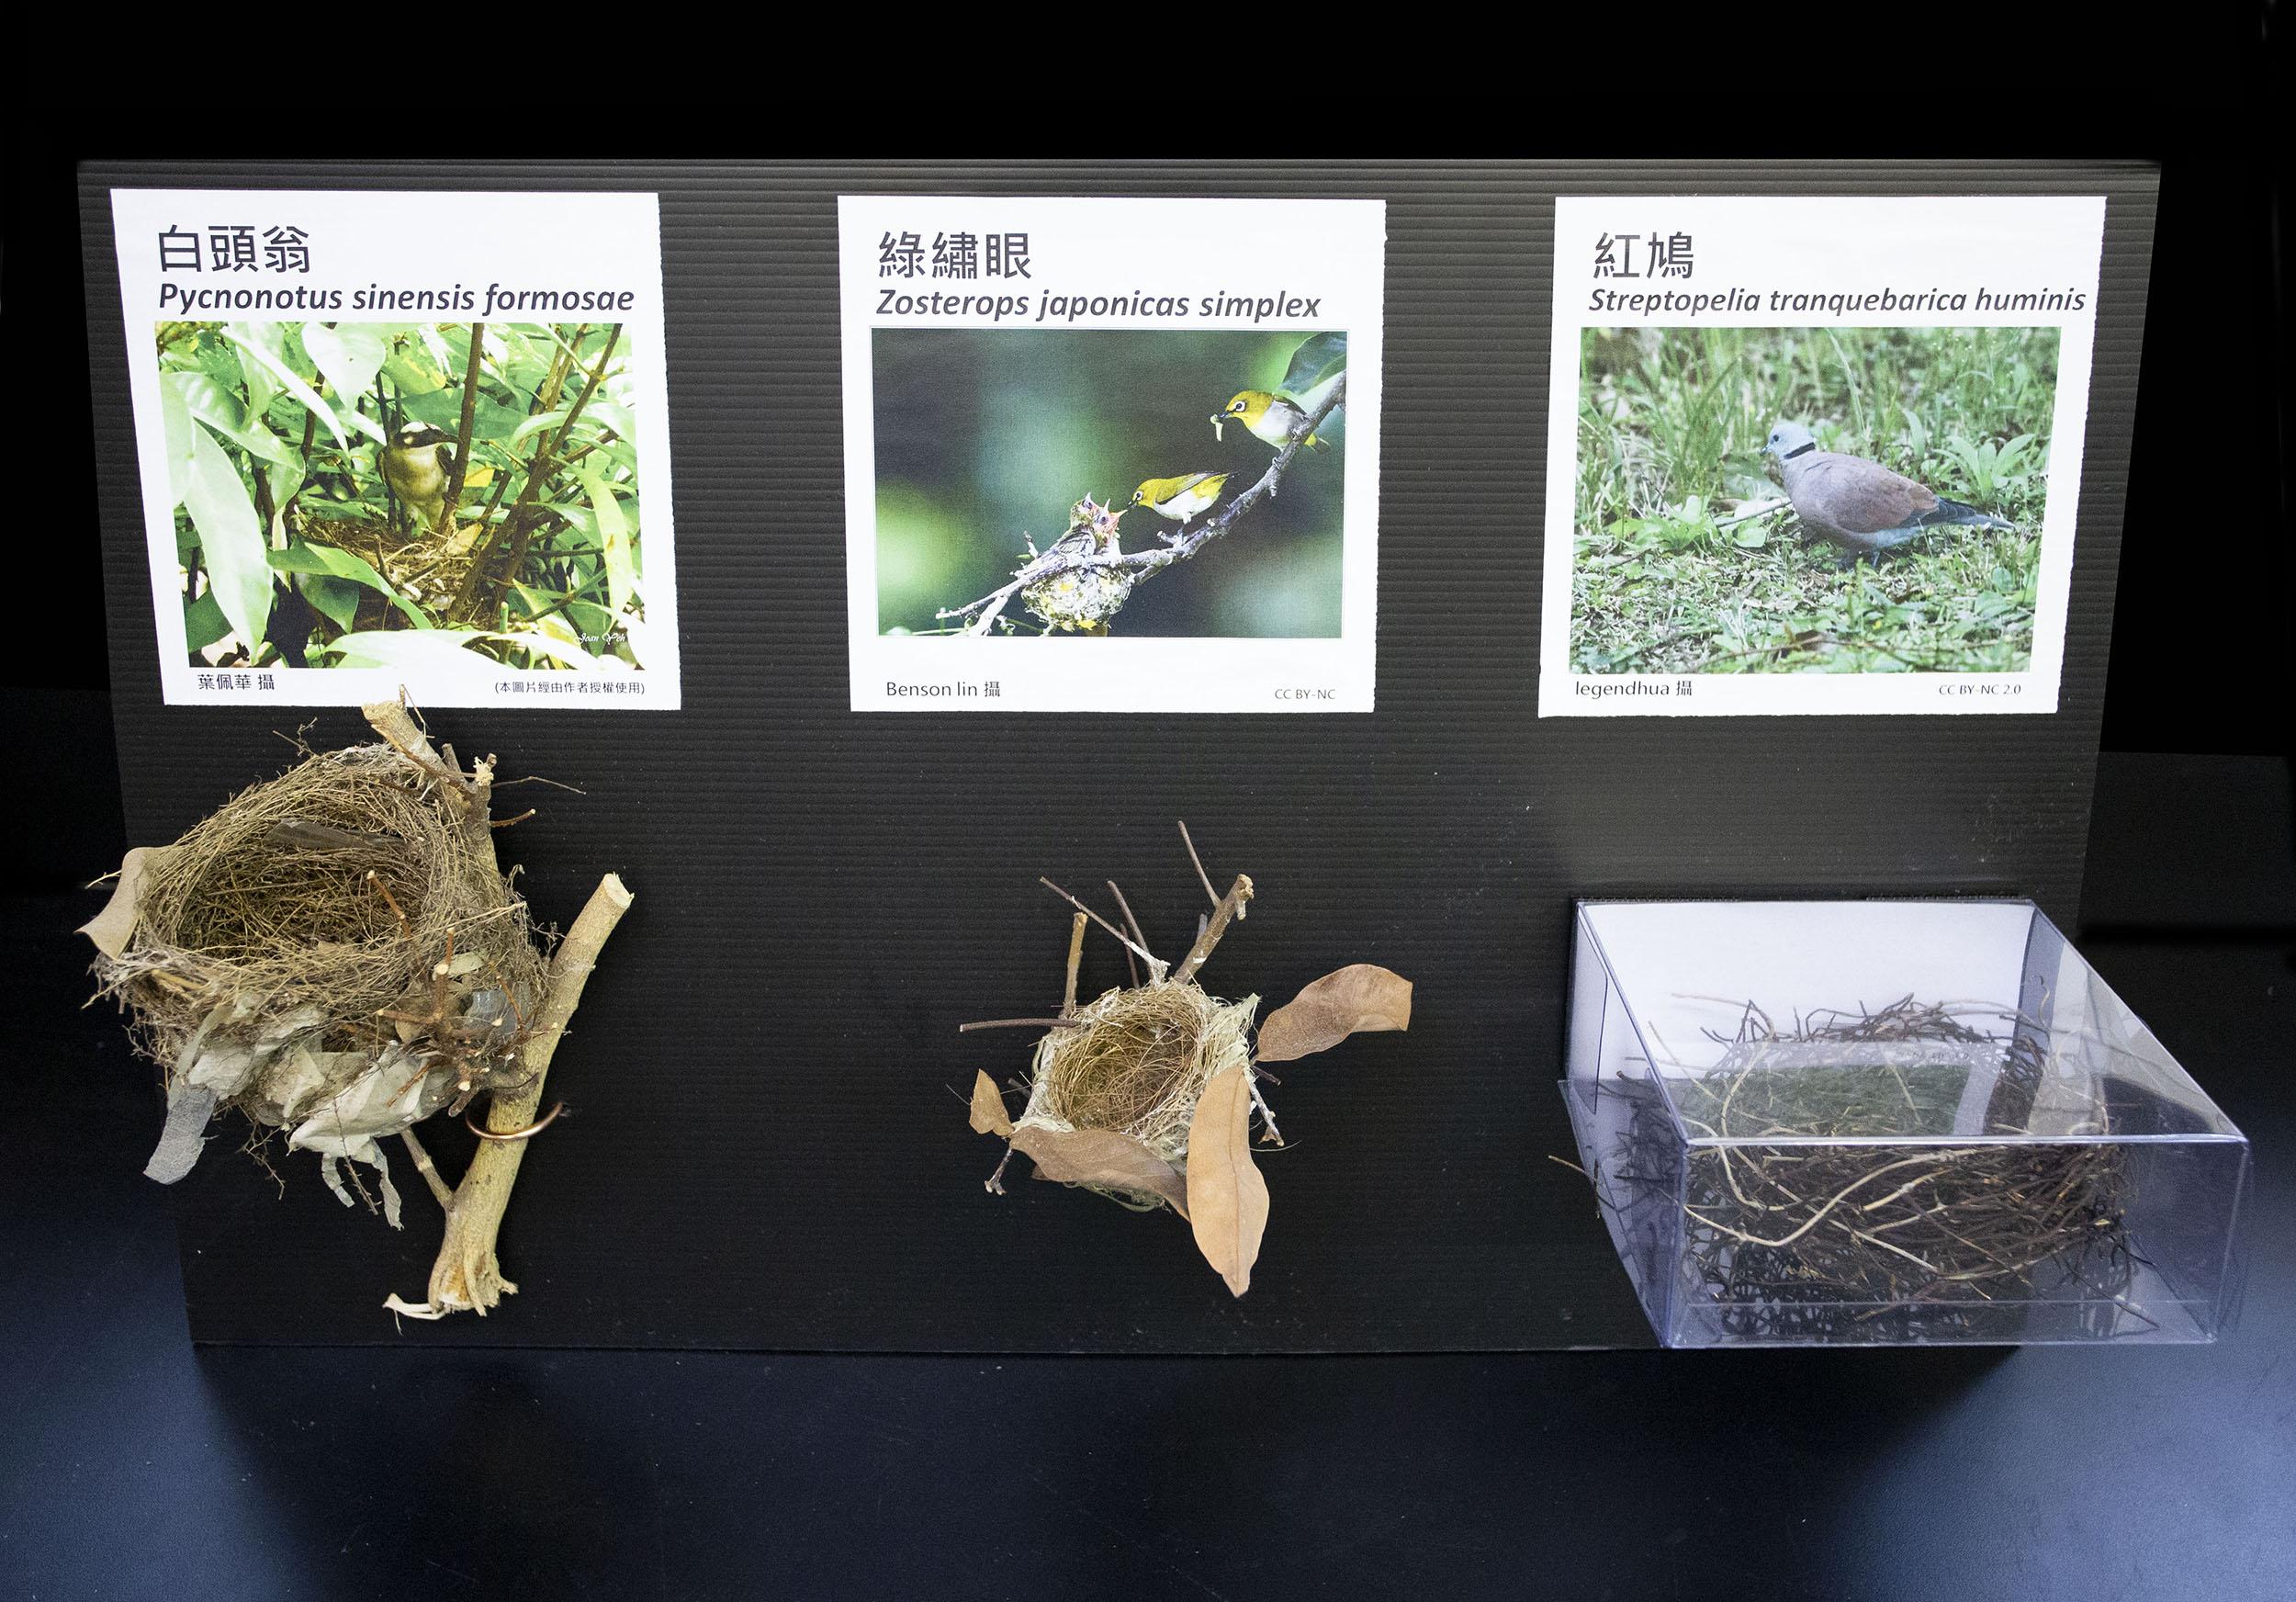 圖中白頭翁和紅鳩的鳥巢為底部支撐、綠繡眼的鳥巢為水平分叉固定。鳥巢的附著方式,主要分成底部支撐、水平分叉固定、側掛和垂吊四種,以底部支撐最常見。圖│研之有物